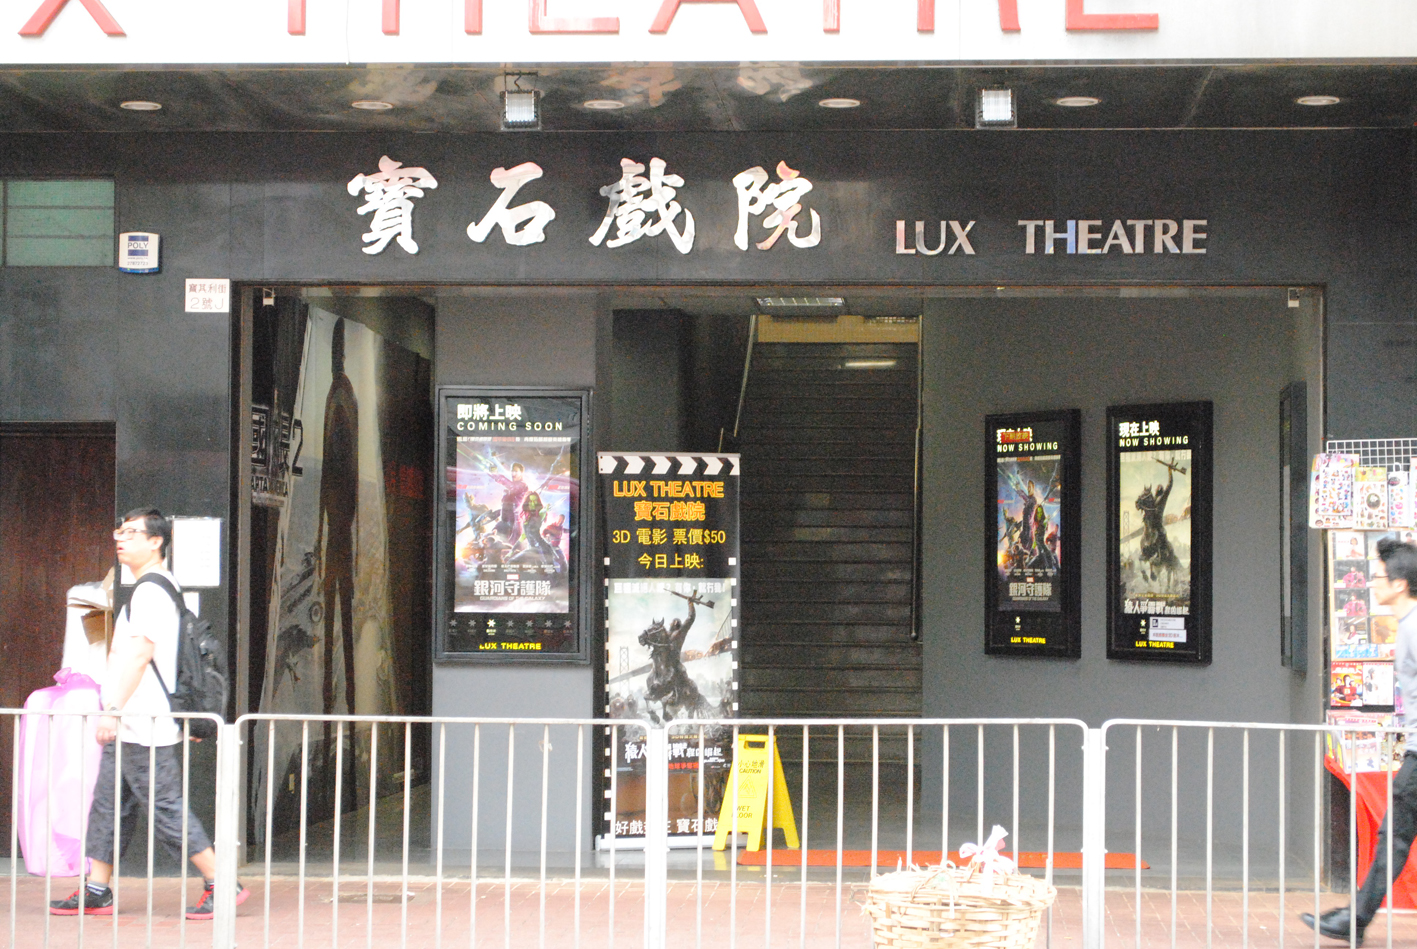 寶石戲院 Lux Theatre写真